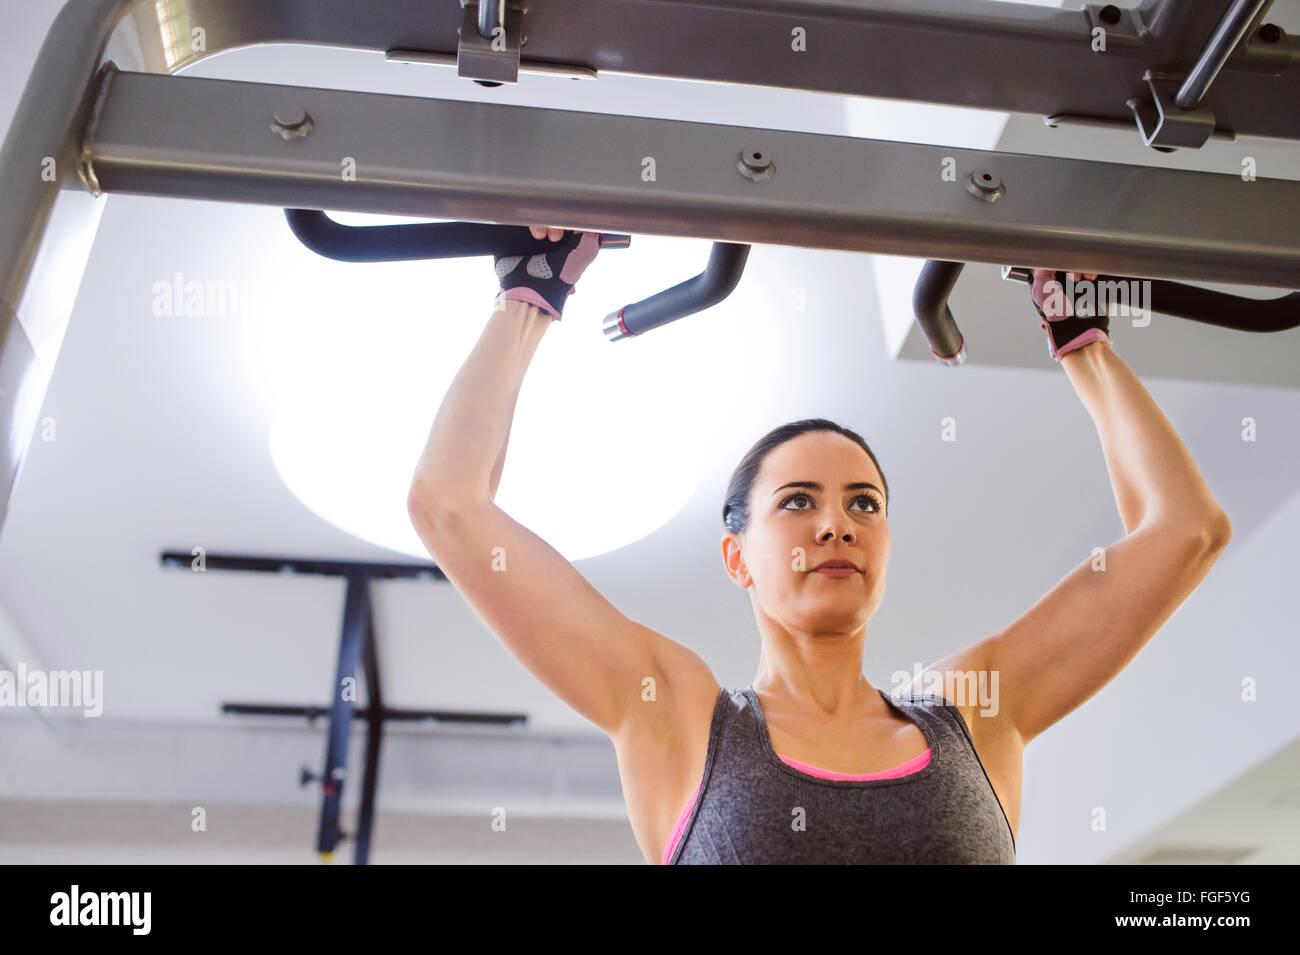 Mujer en el gimnasio haciendo ejercicios de armas en una máquina Imagen De Stock